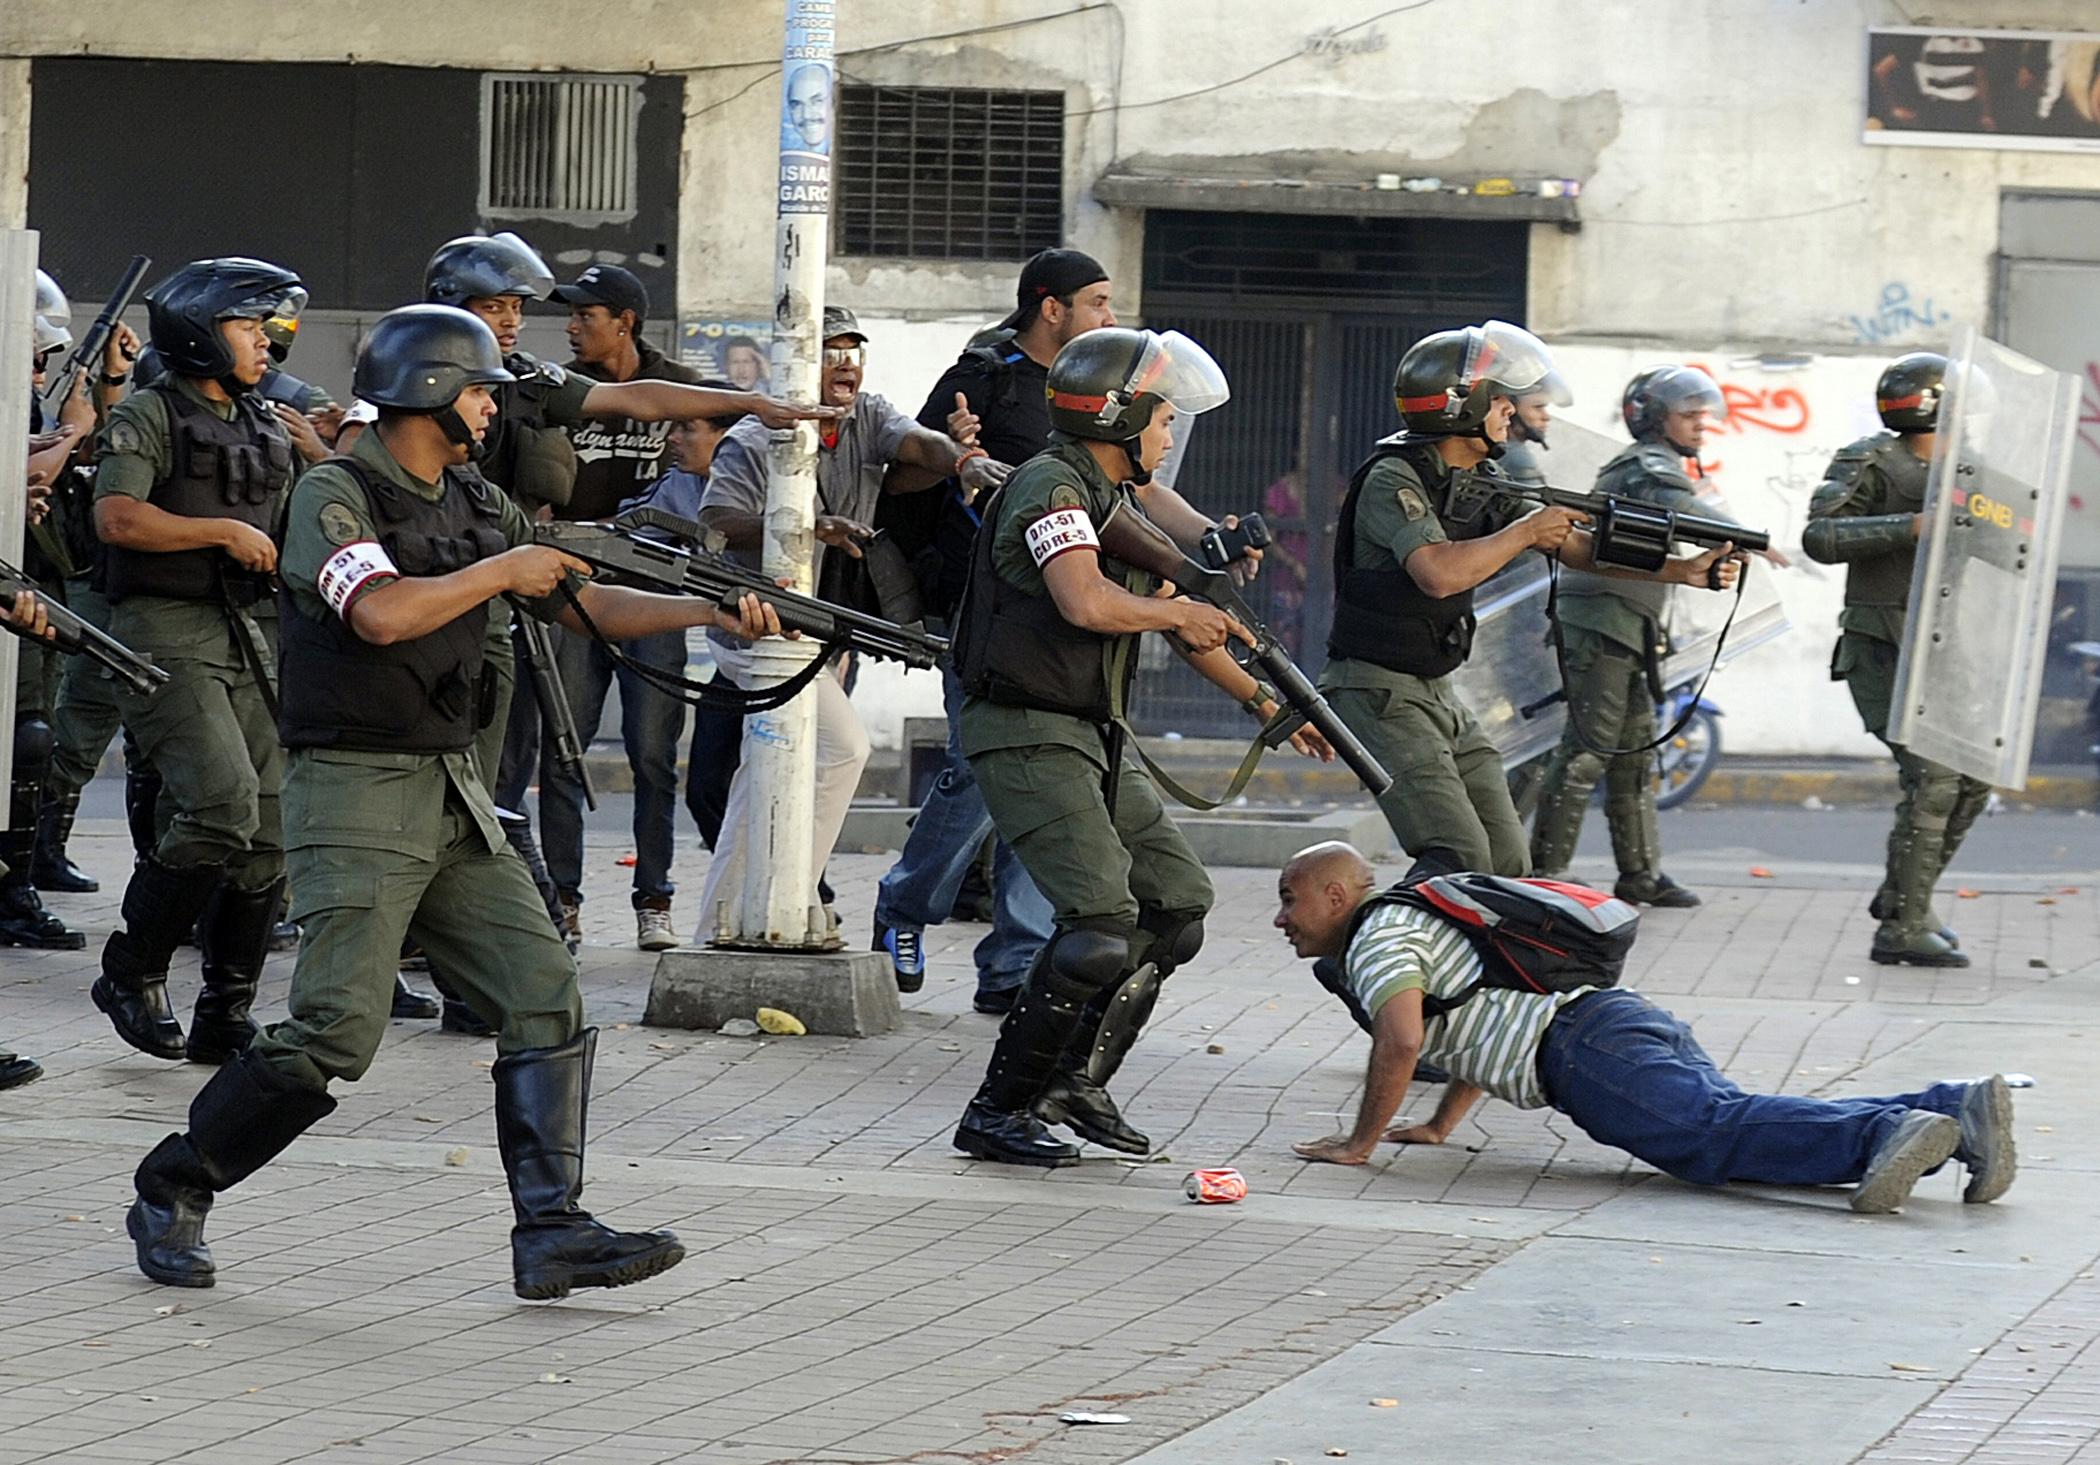 В Венесуэле, по мнению наблюдателей, финал политической трагедии, будет зависеть от позиции военных